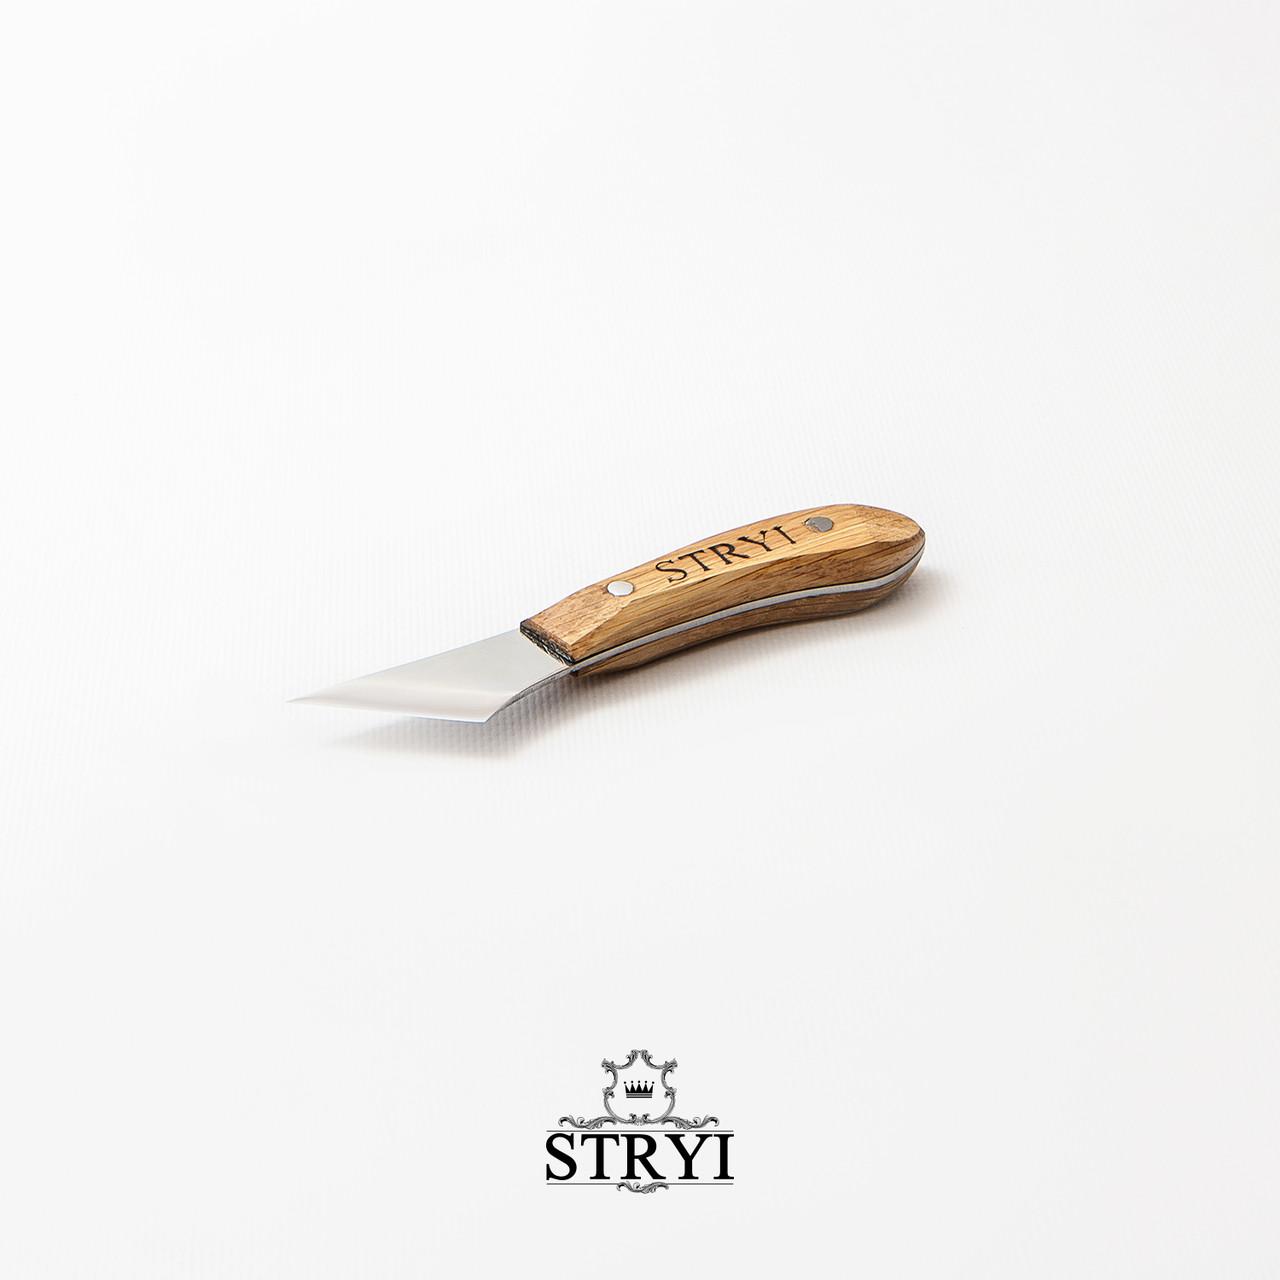 Фигурный нож-косяк, 30 градусов 40мм для резьбы по дереву от производителя STRYI